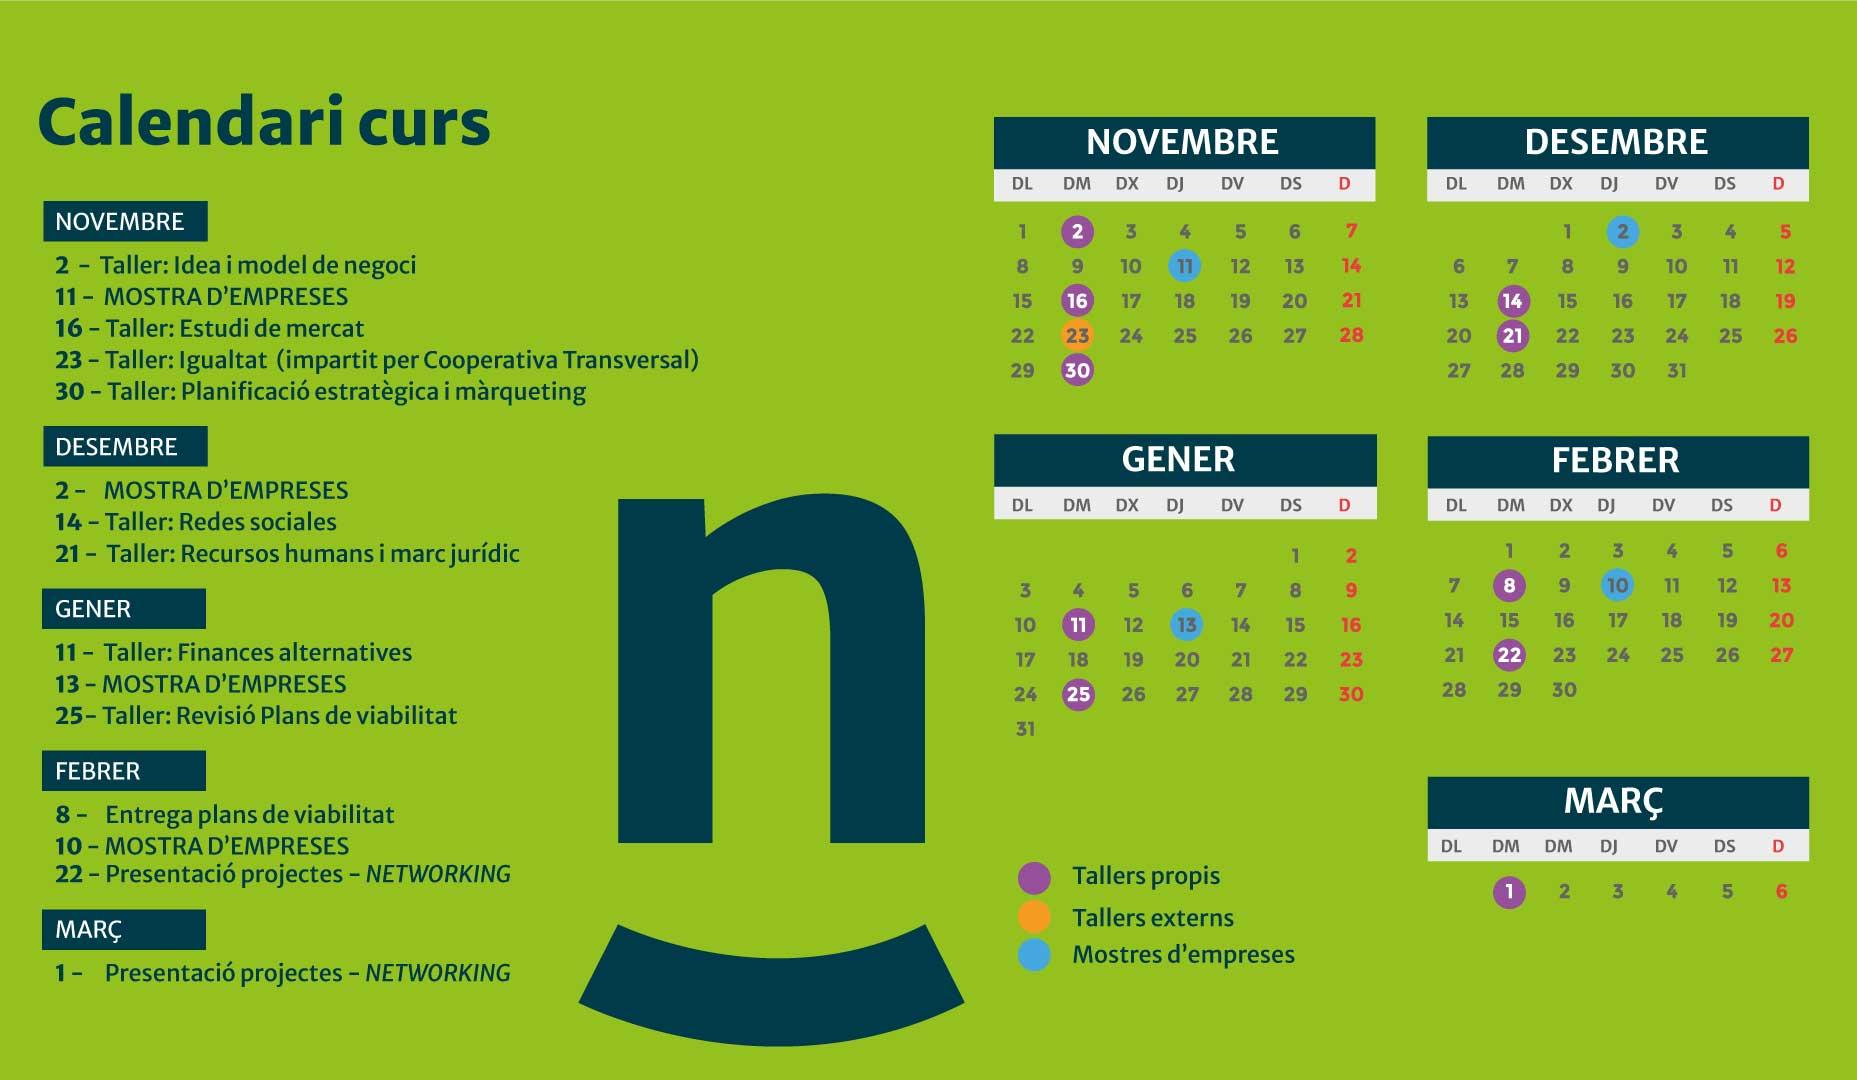 Calendari cursos